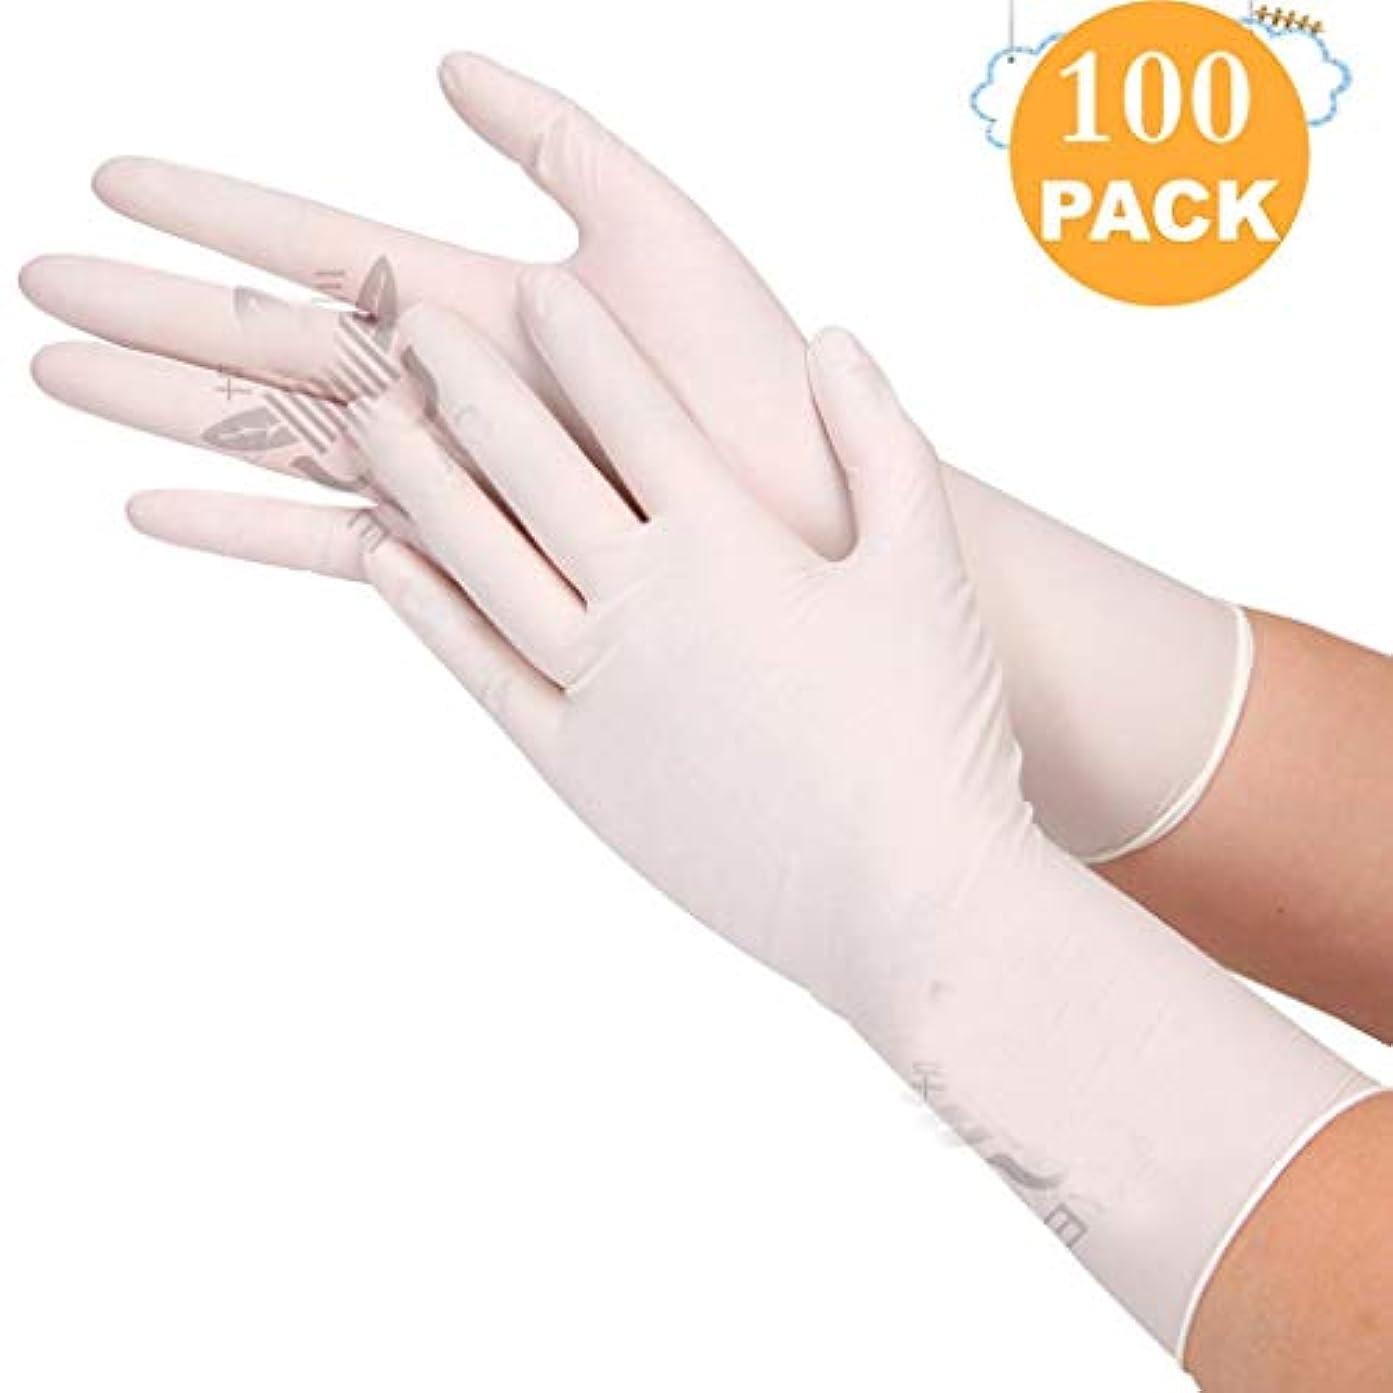 情緒的ドラマその後使い捨て手袋ニトリルゴム医療検査手袋ラテックス無菌手術ドクター12インチ100パーパック (Size : L)